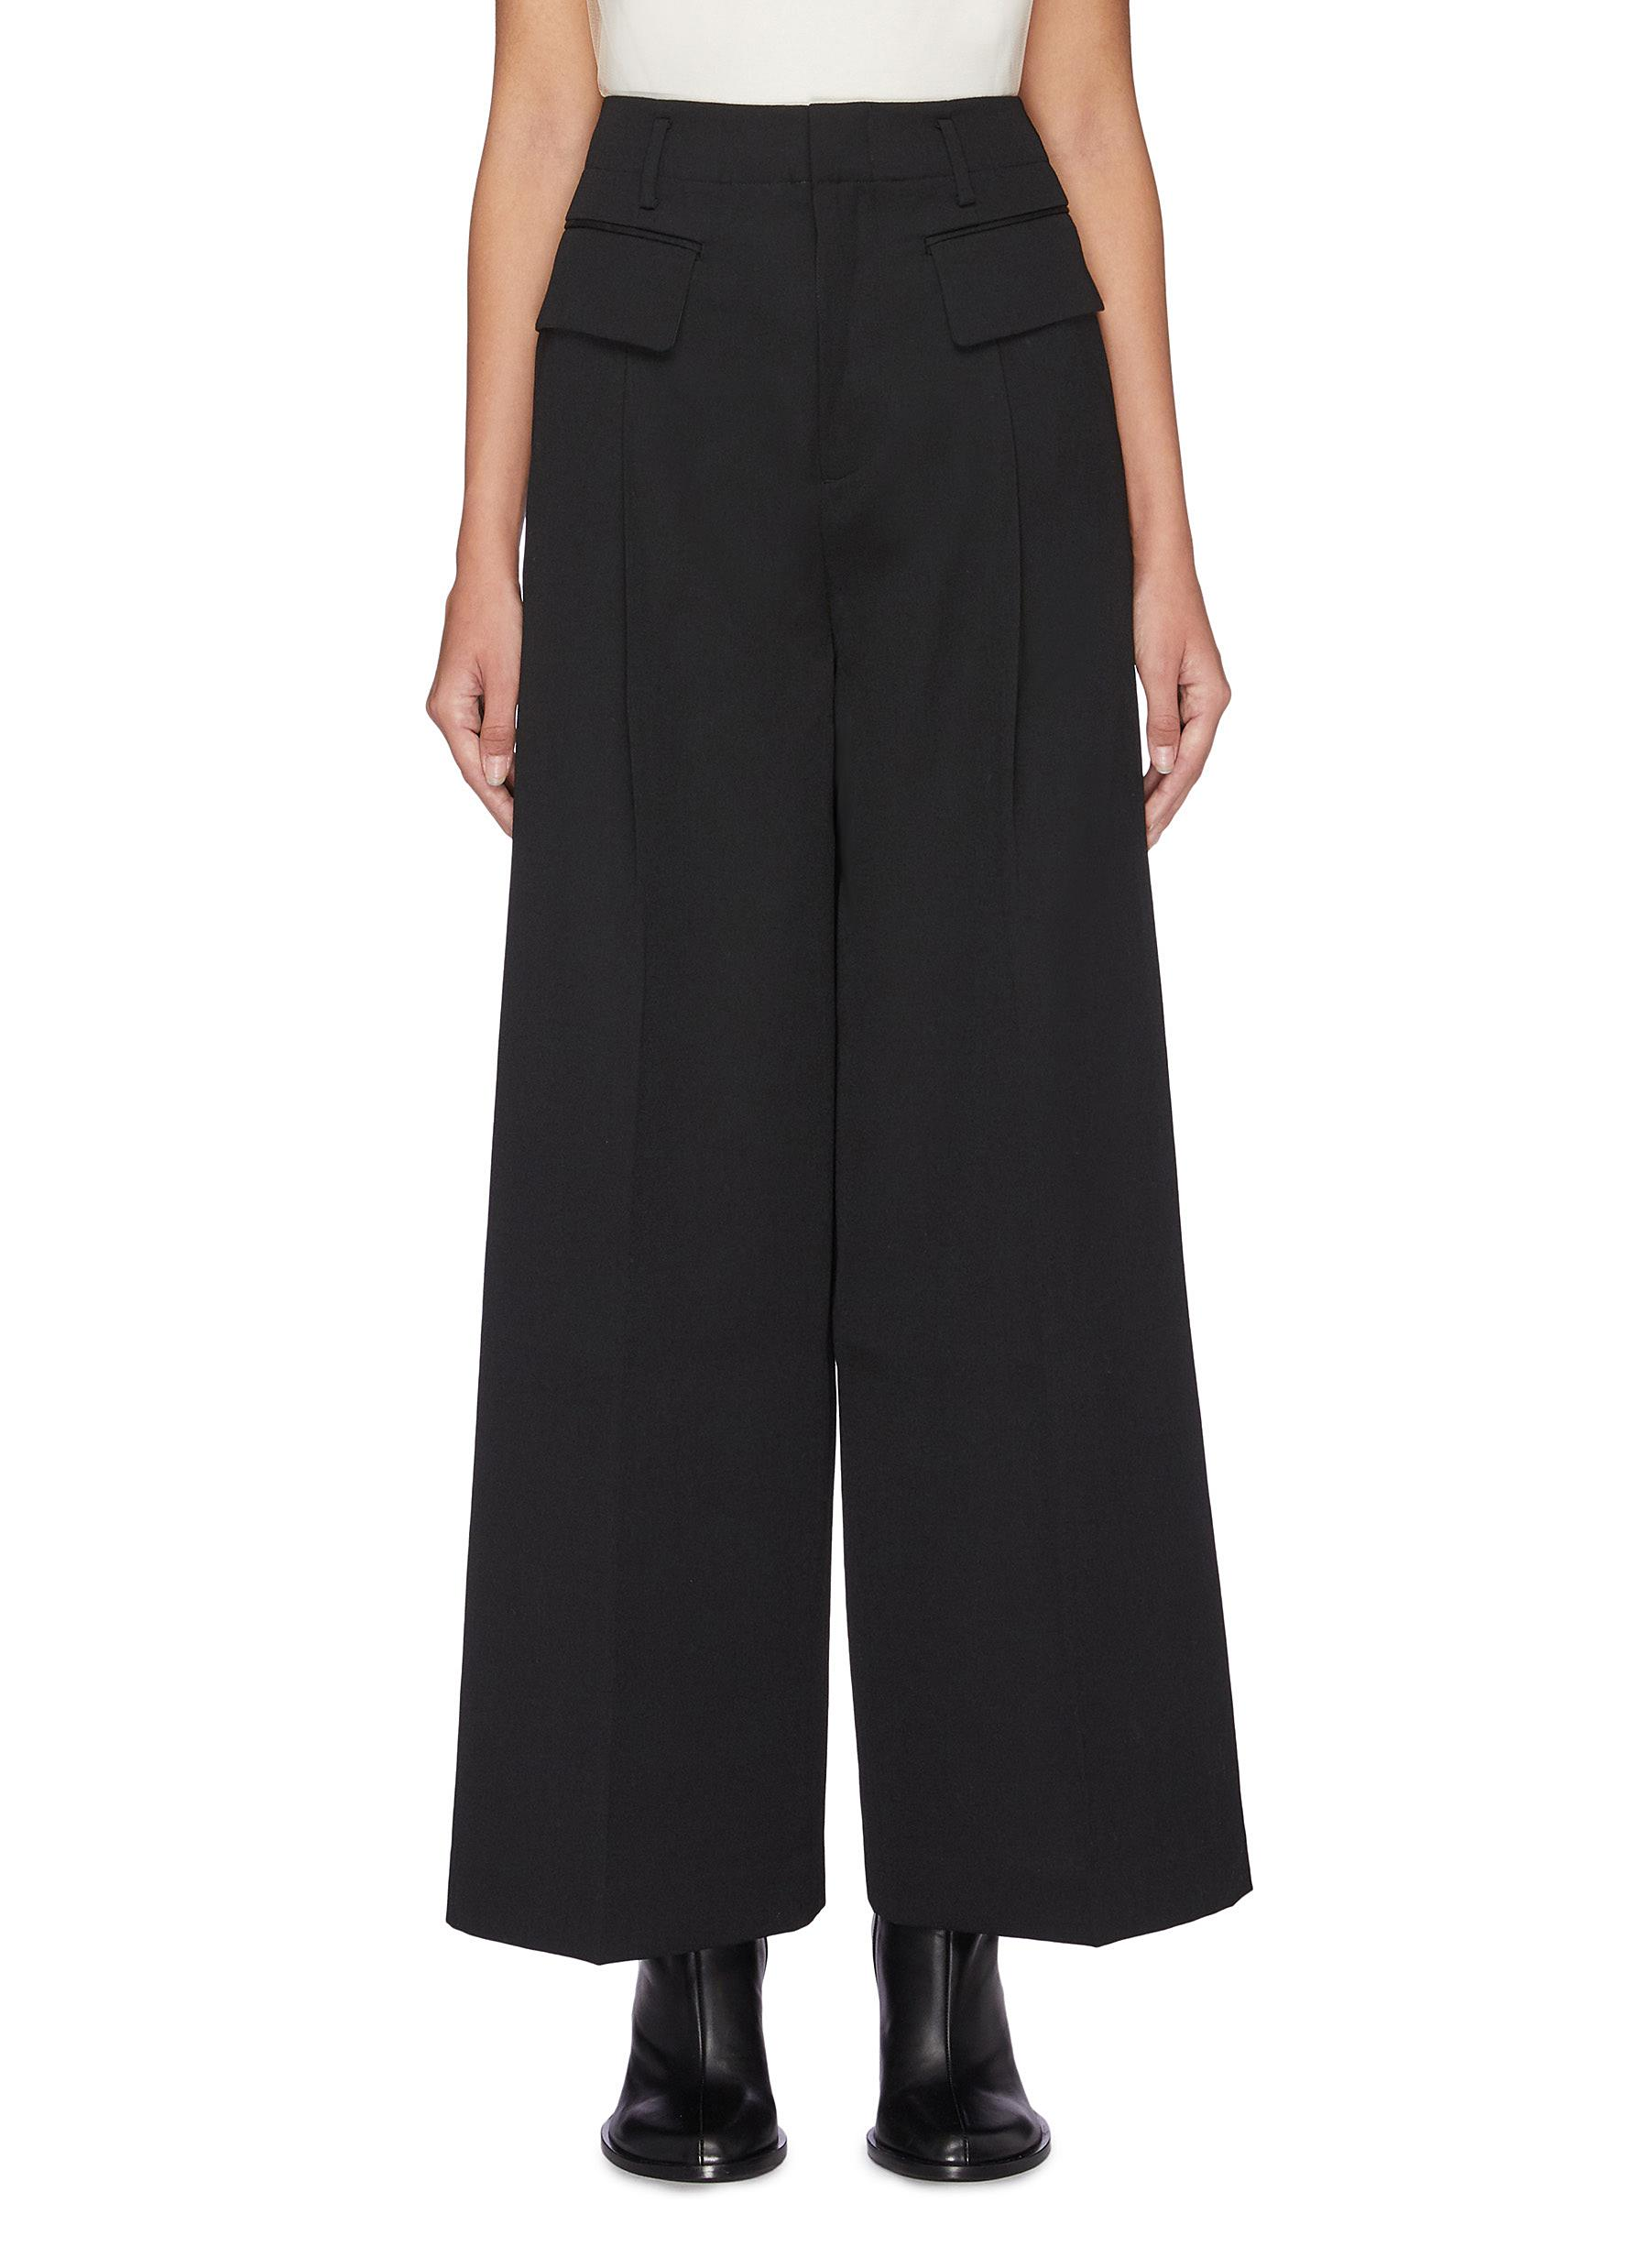 Flap pocket wide leg pants by Sans Titre